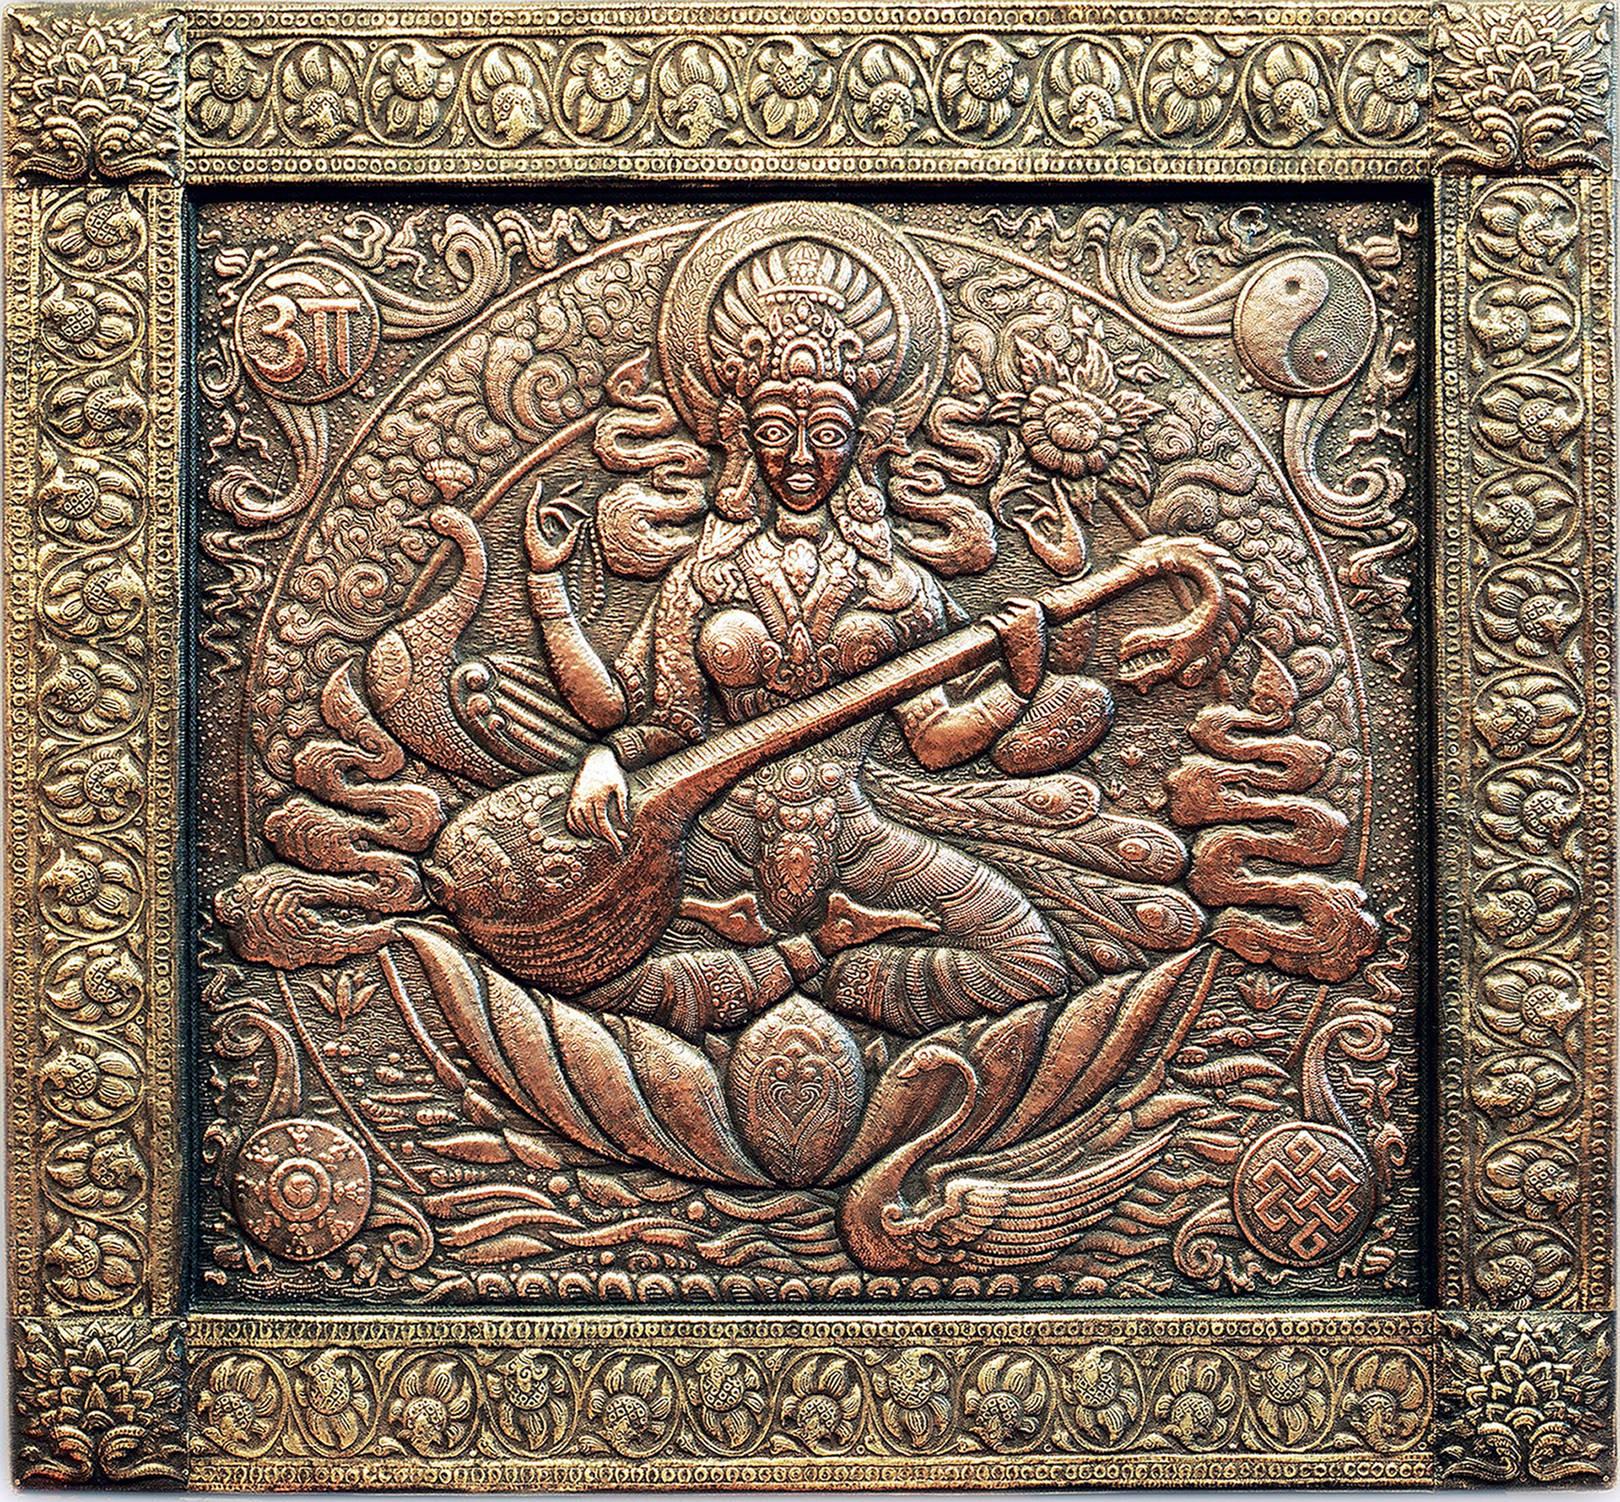 Сарасвати.Индийская богиня (панно) 1997                                                              Медь, латунь; чернение. 81х88 см